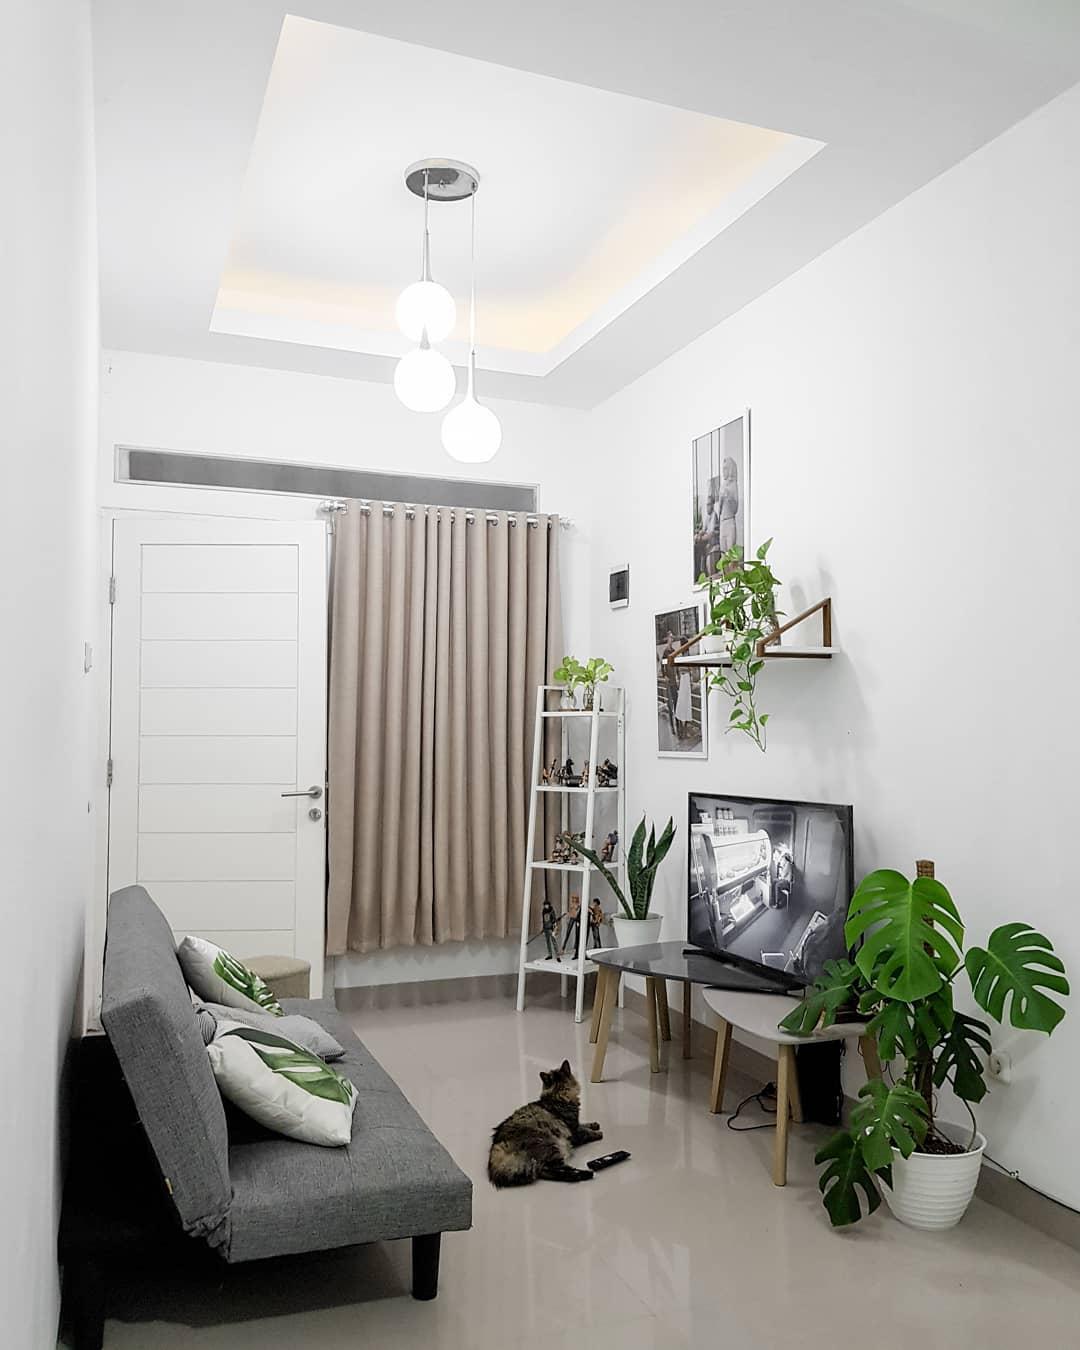 Desain Interior Rumah Minimalis_5